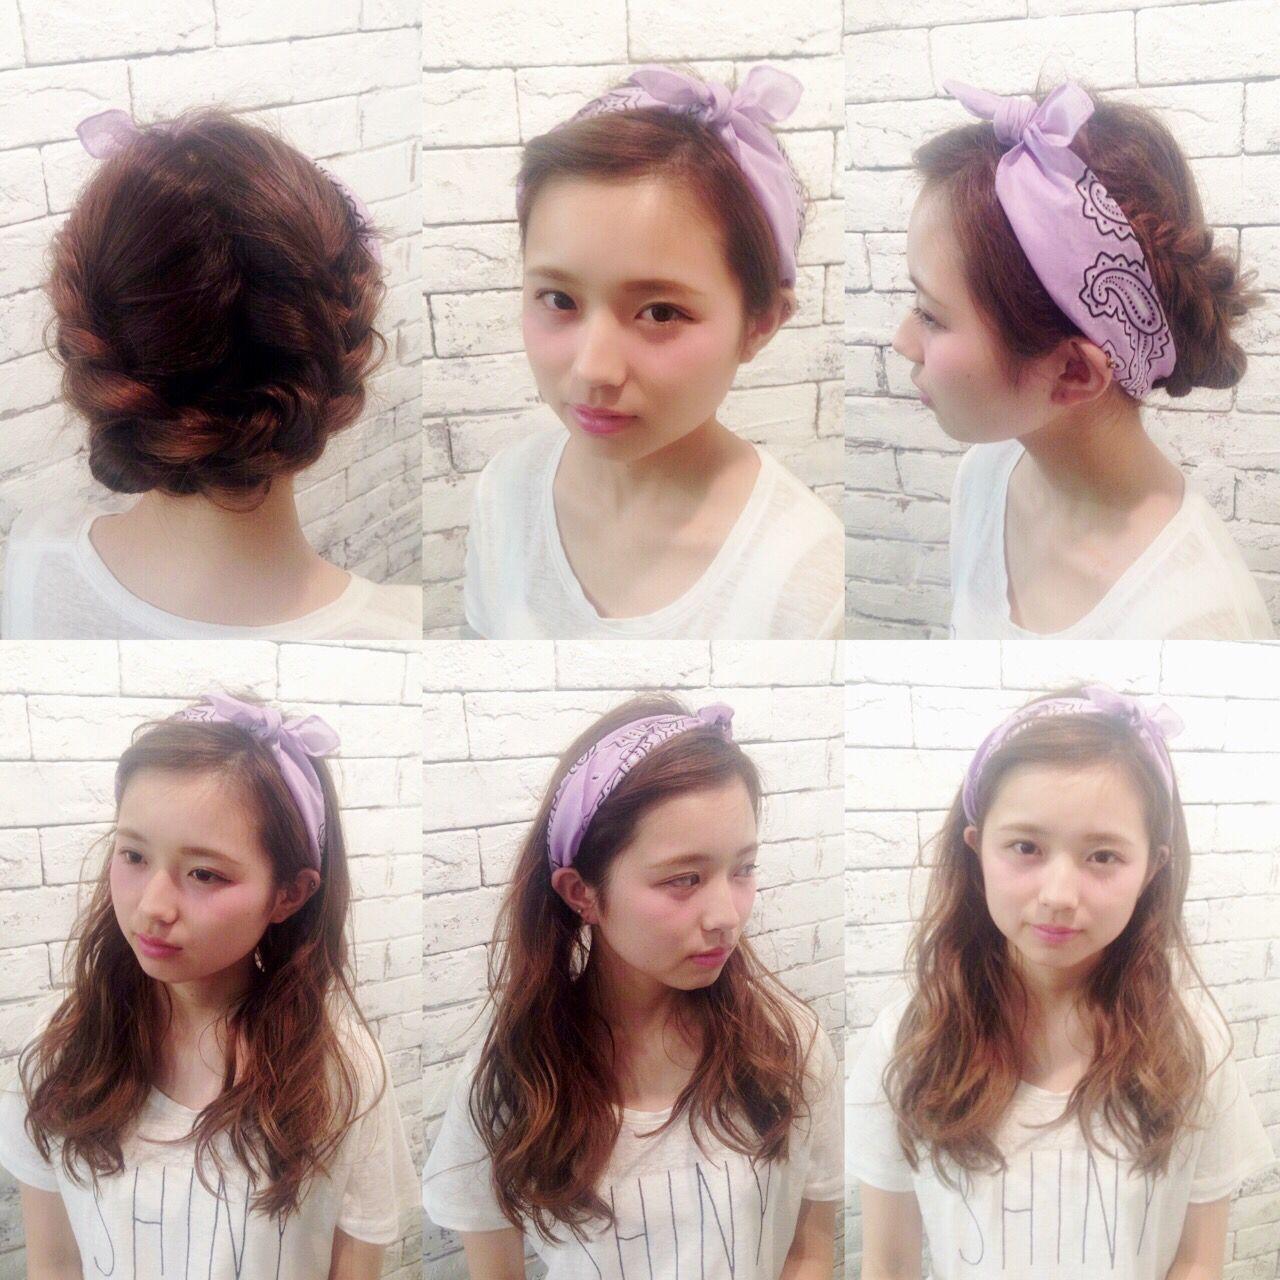 ガーリー モテ髪 バンダナ ヘアアレンジ ヘアスタイルや髪型の写真・画像